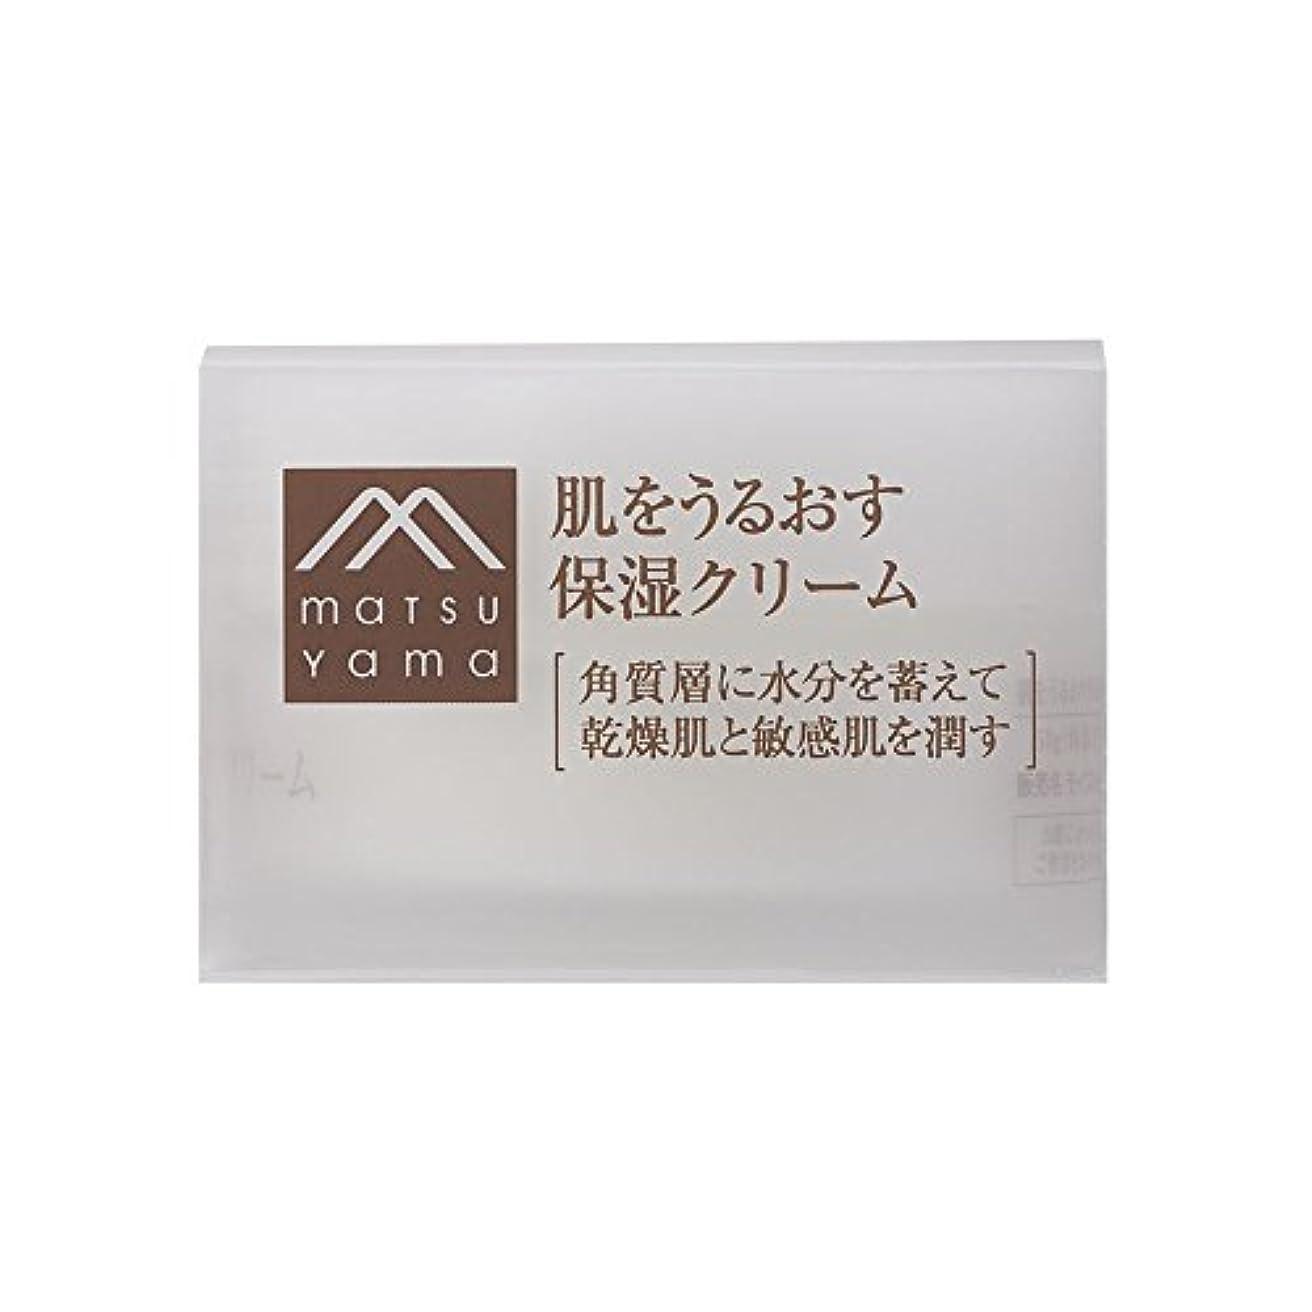 機械いつでも広範囲に肌をうるおす保湿クリーム(クリーム) 濃厚クリーム [乾燥肌 敏感肌]